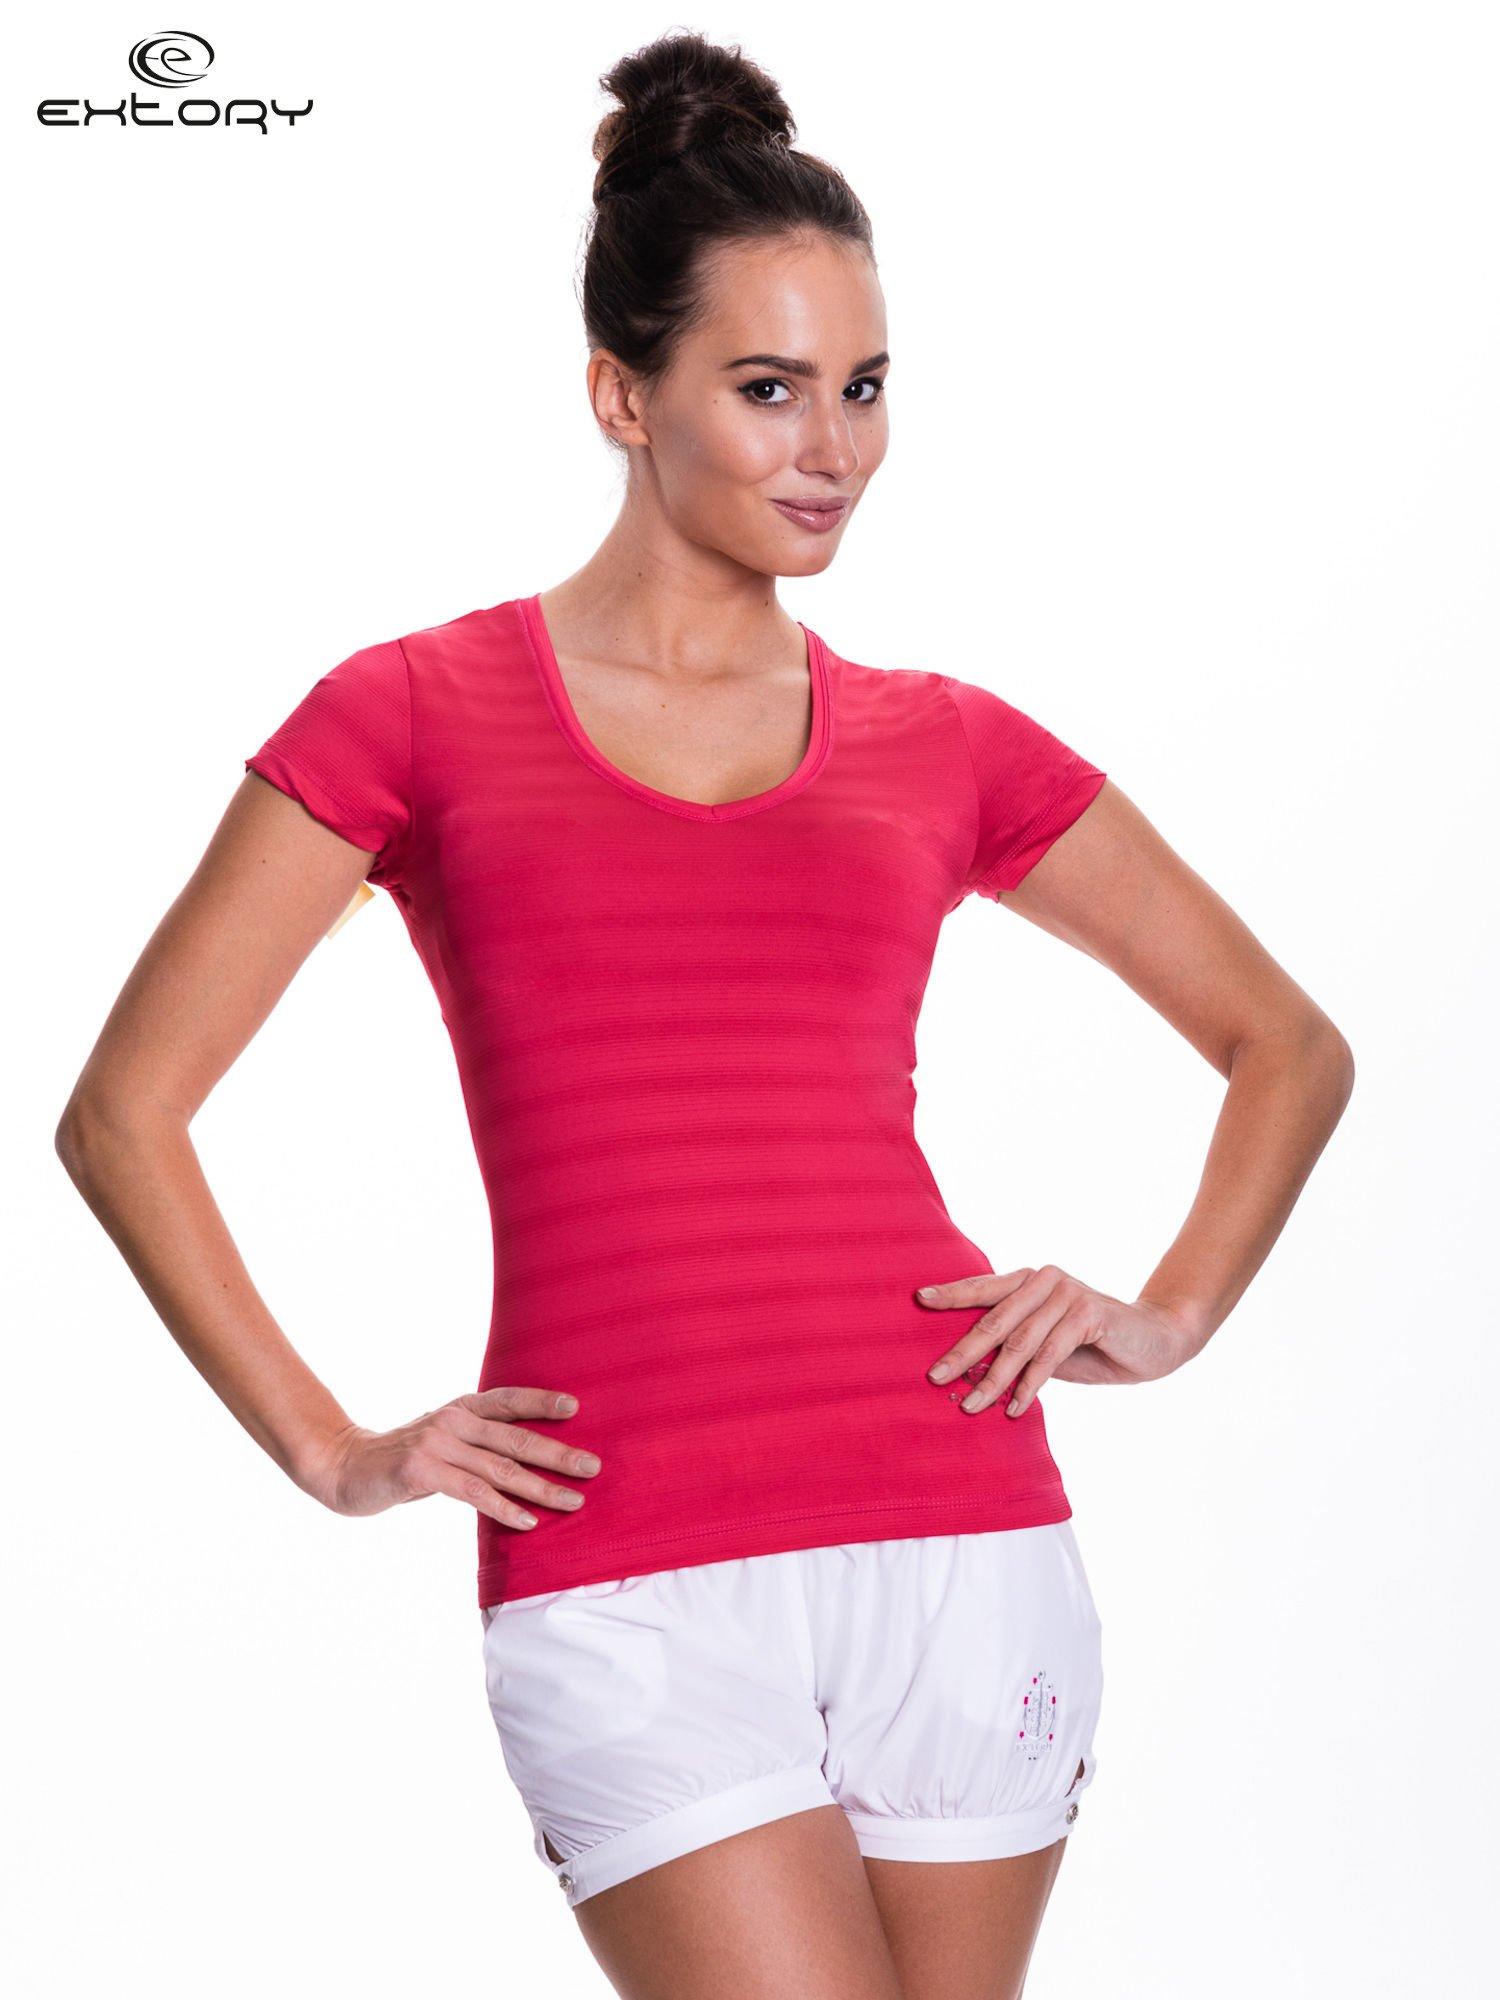 Ciemnoróżowy t-shirt sportowy w paseczki                                  zdj.                                  1